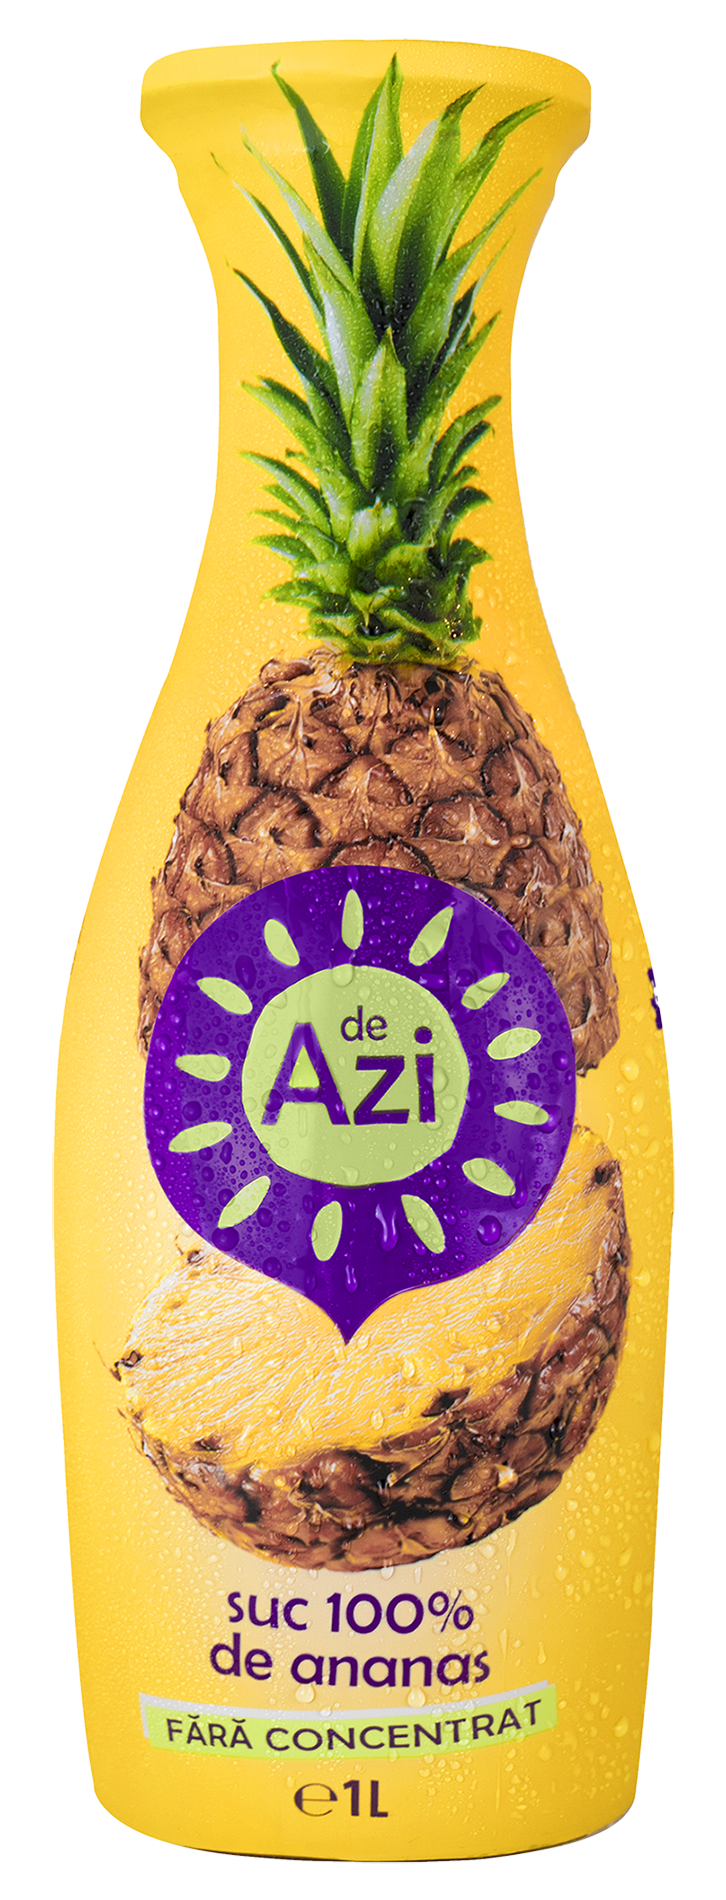 Suc de ananas 100%